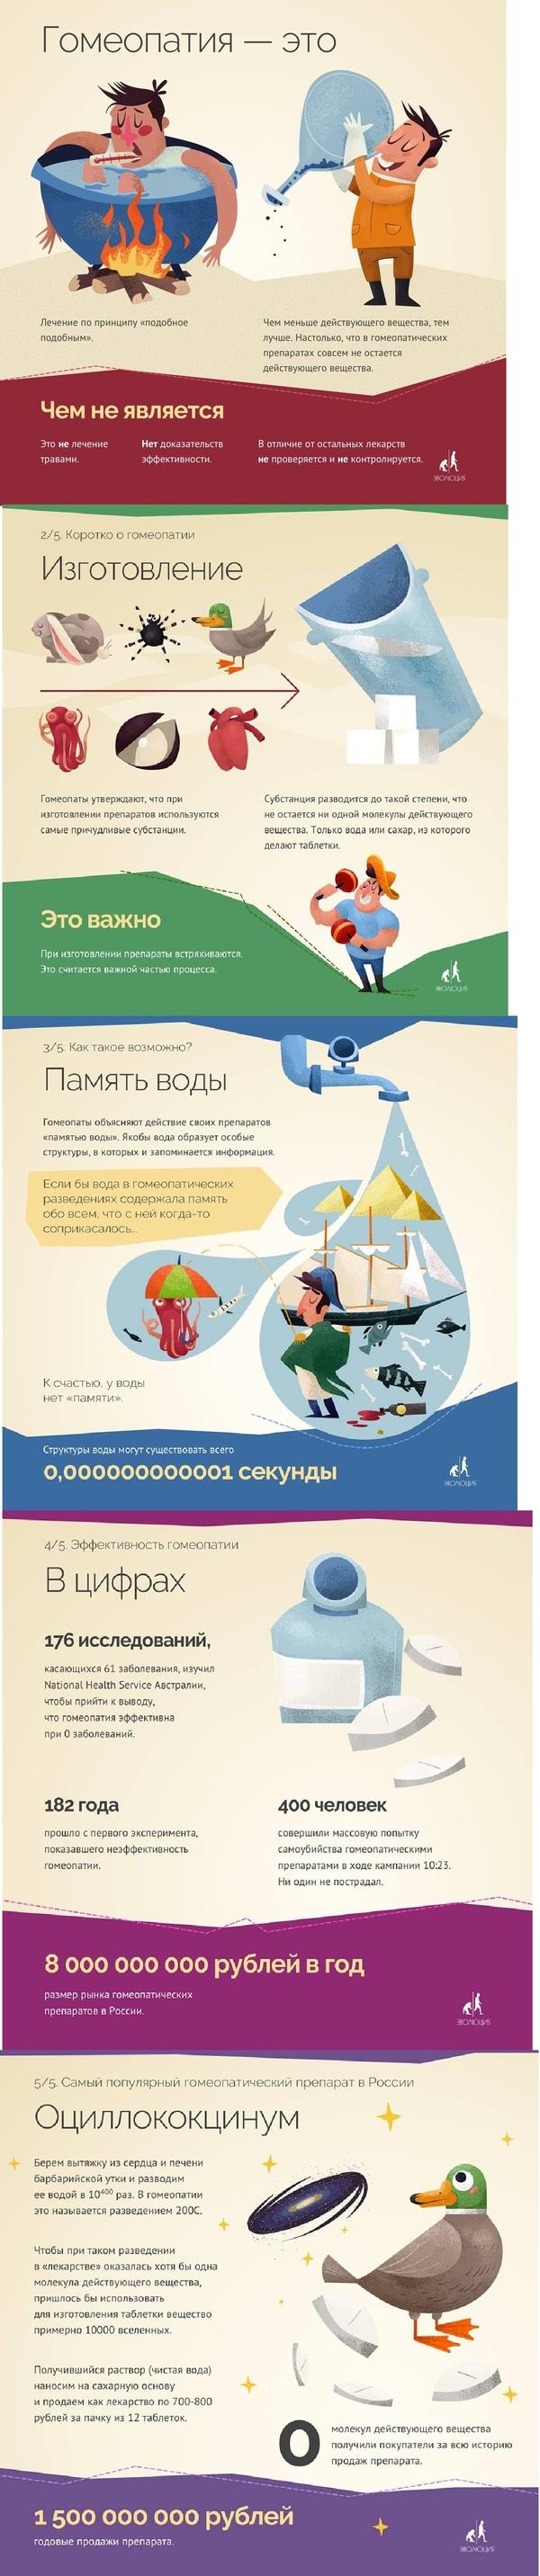 Эта полезная гомеопатия Фонд эволюция, Гомеопатия, Оциллококцинум, Длиннопост, Инфографика